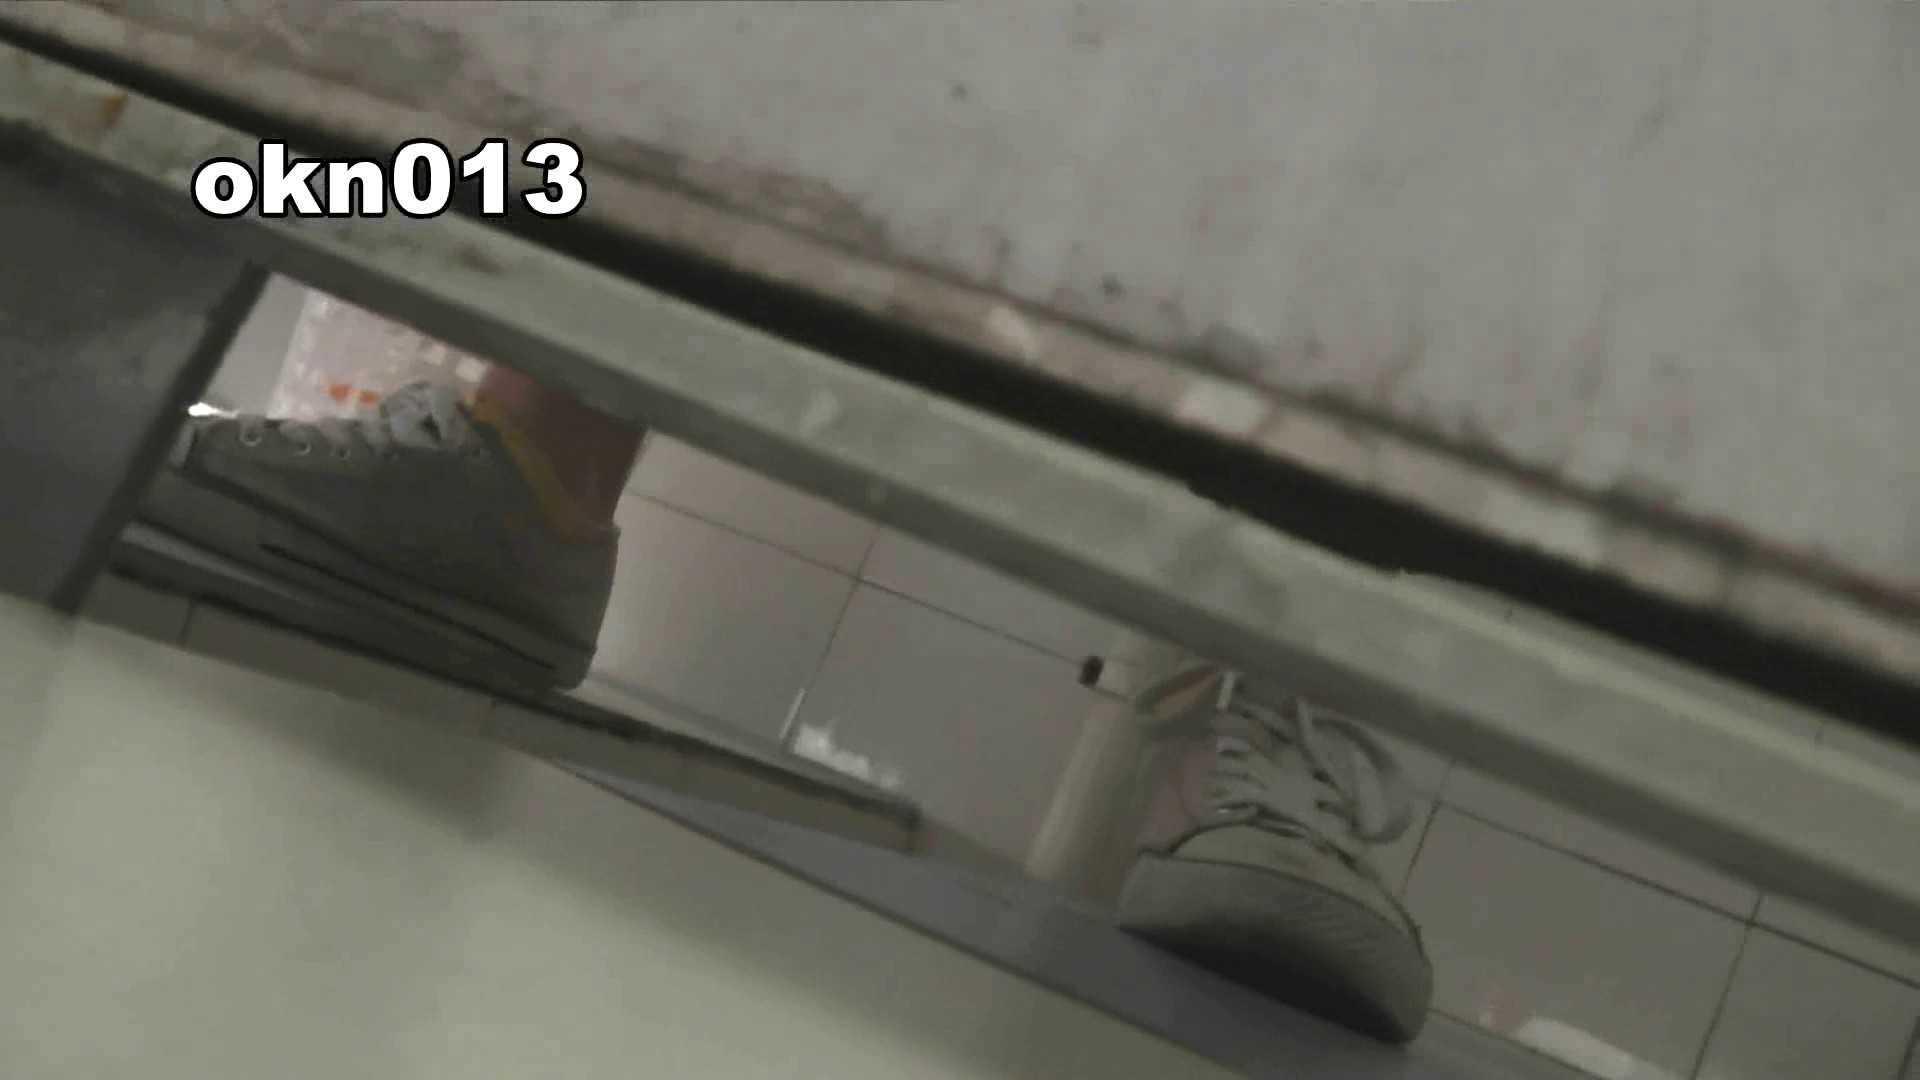 無修正おまんこ動画 下からノゾム vol.013 ギュっと* 怪盗ジョーカー